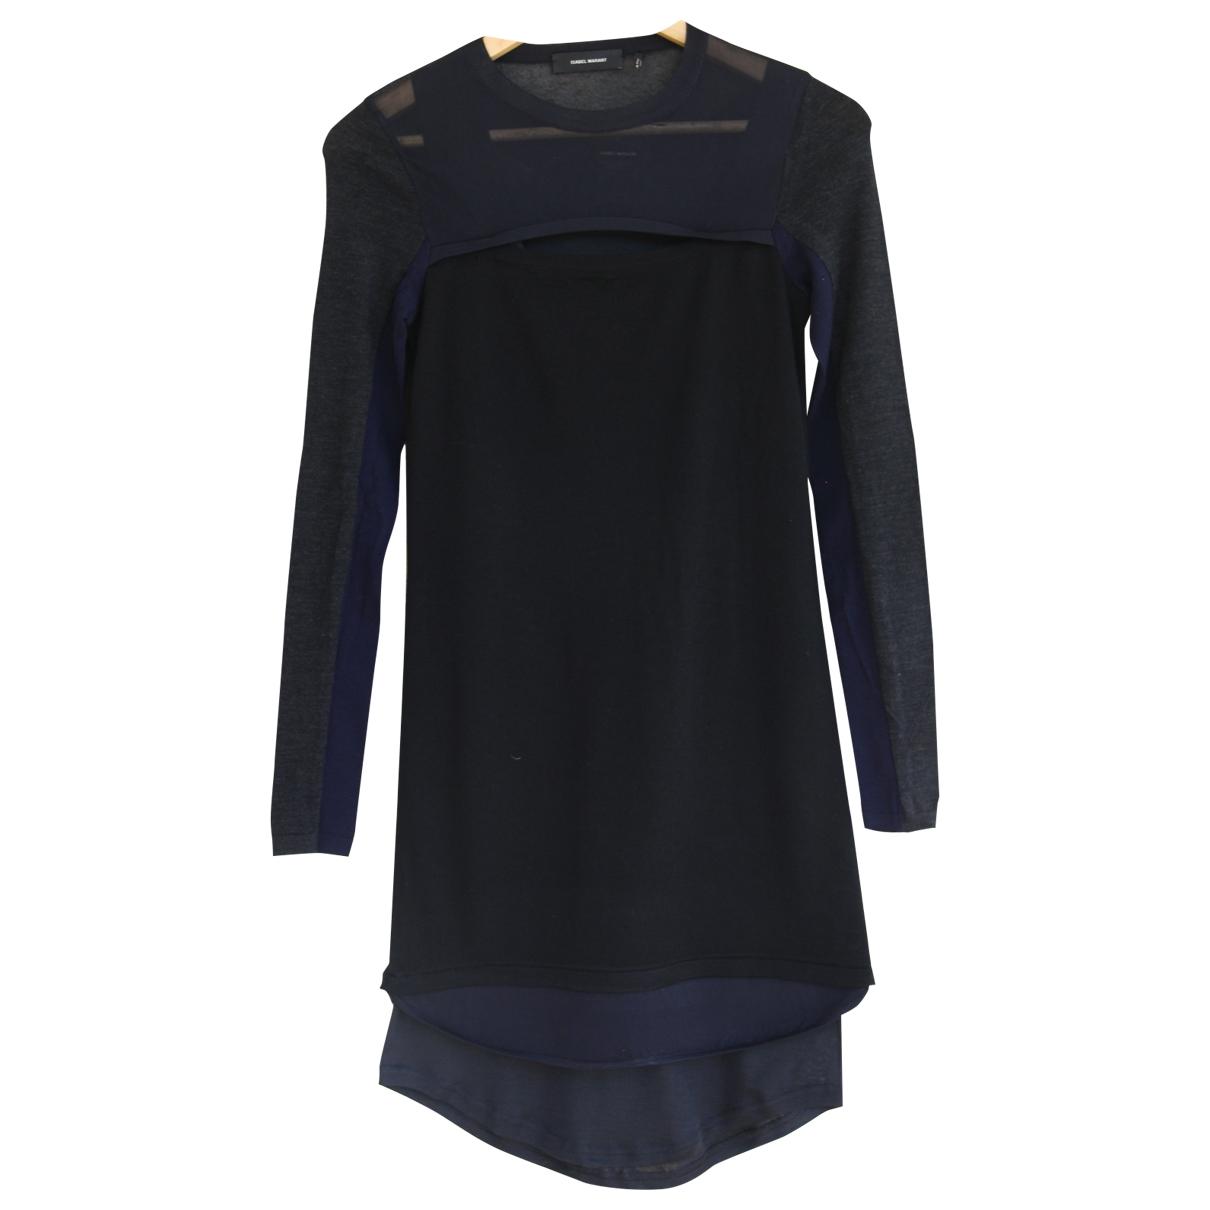 Isabel Marant \N Black Wool dress for Women 38 IT